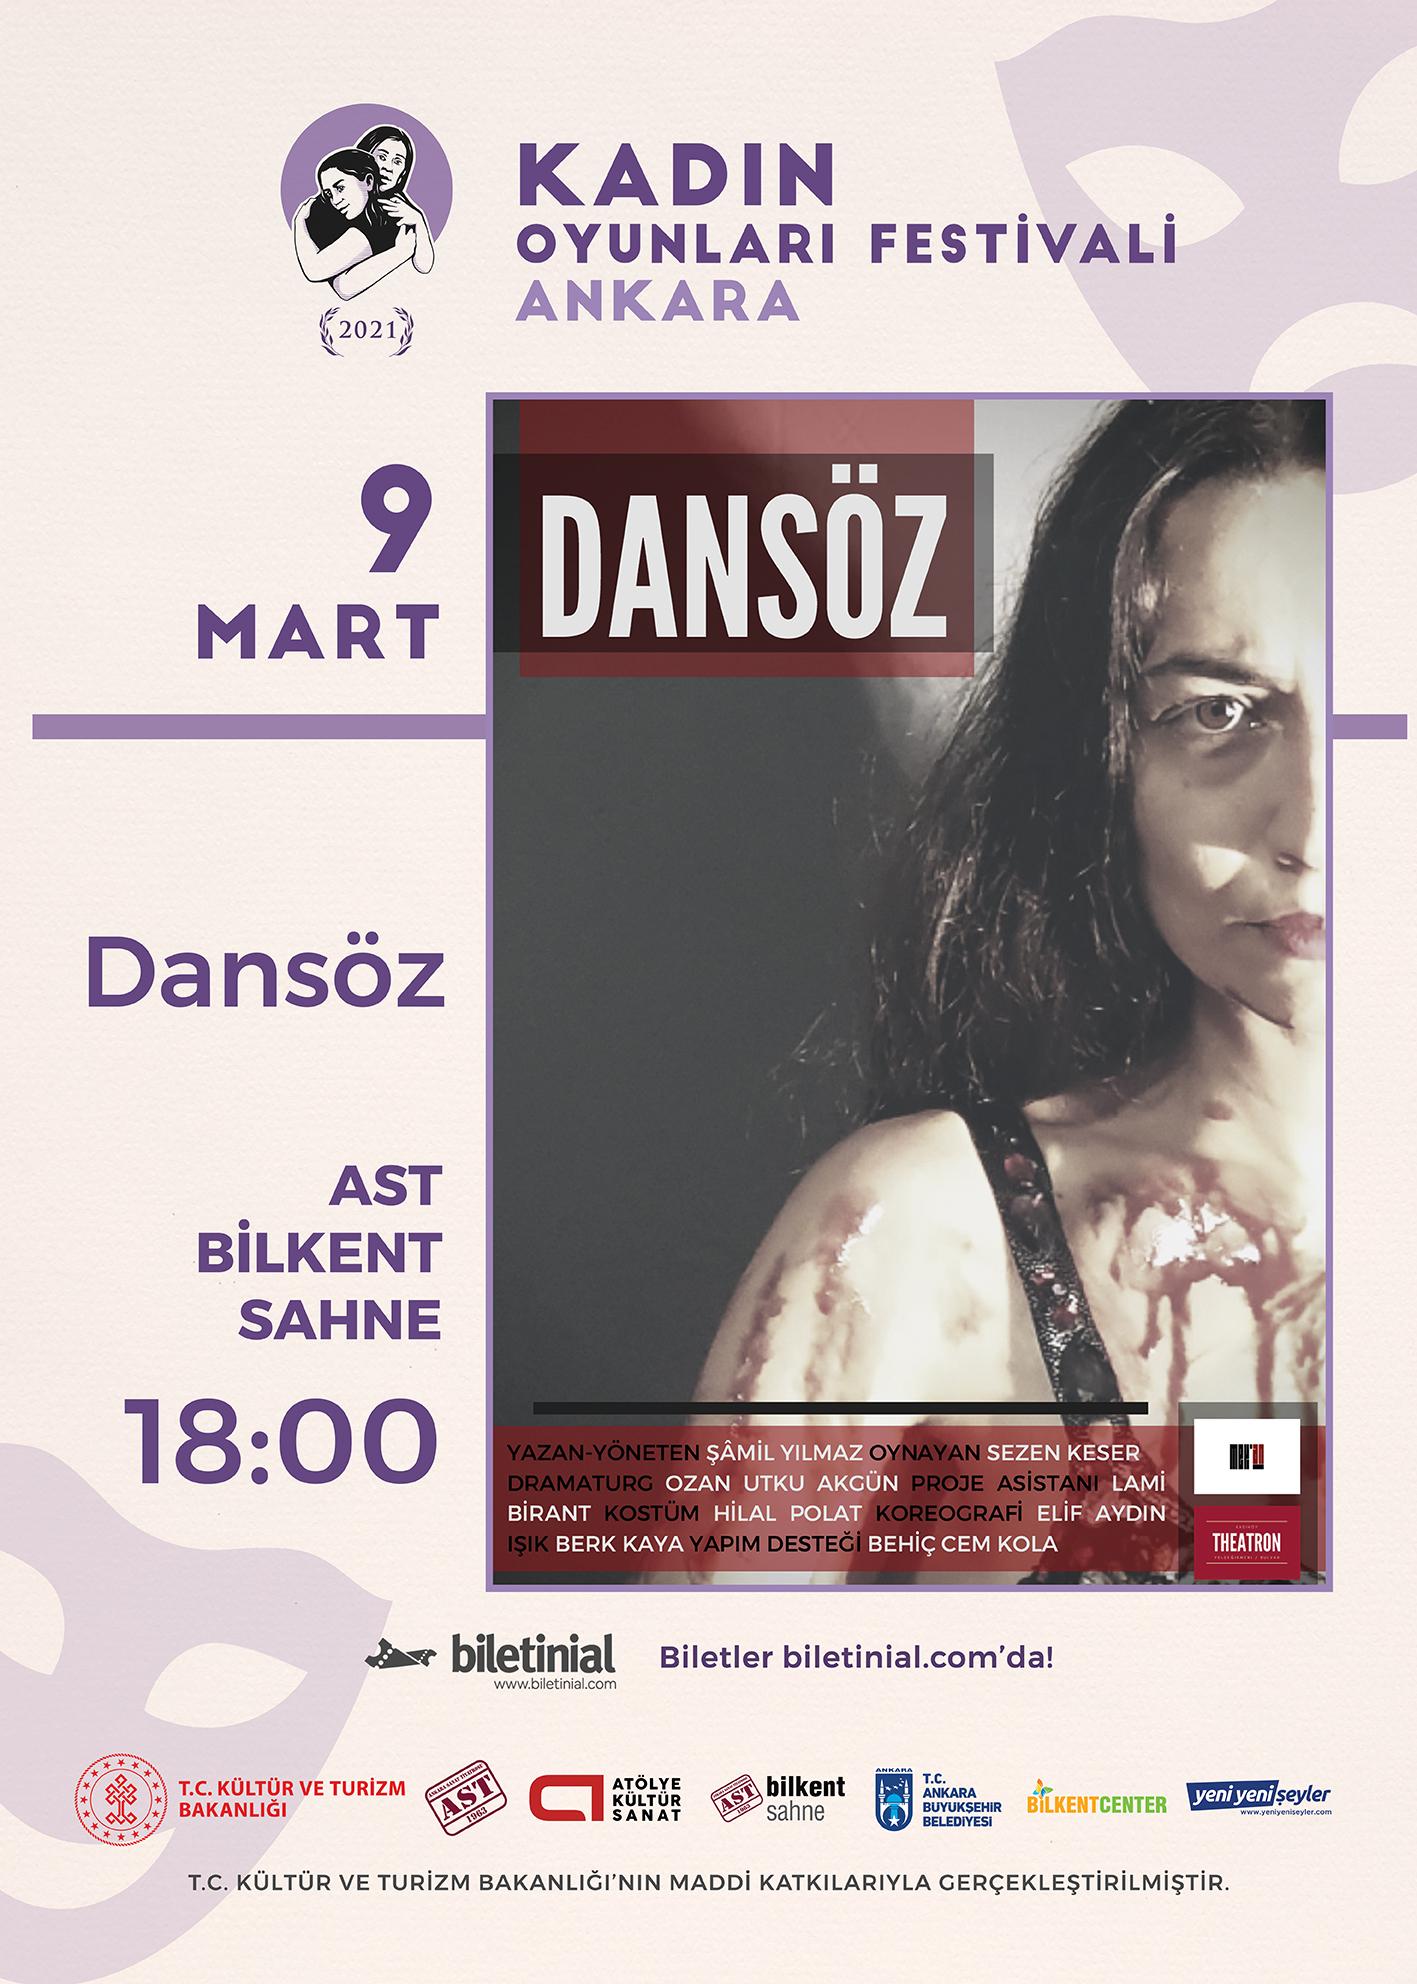 KTB - KOF 2021 Ankara - 9 Mart - Dansöz